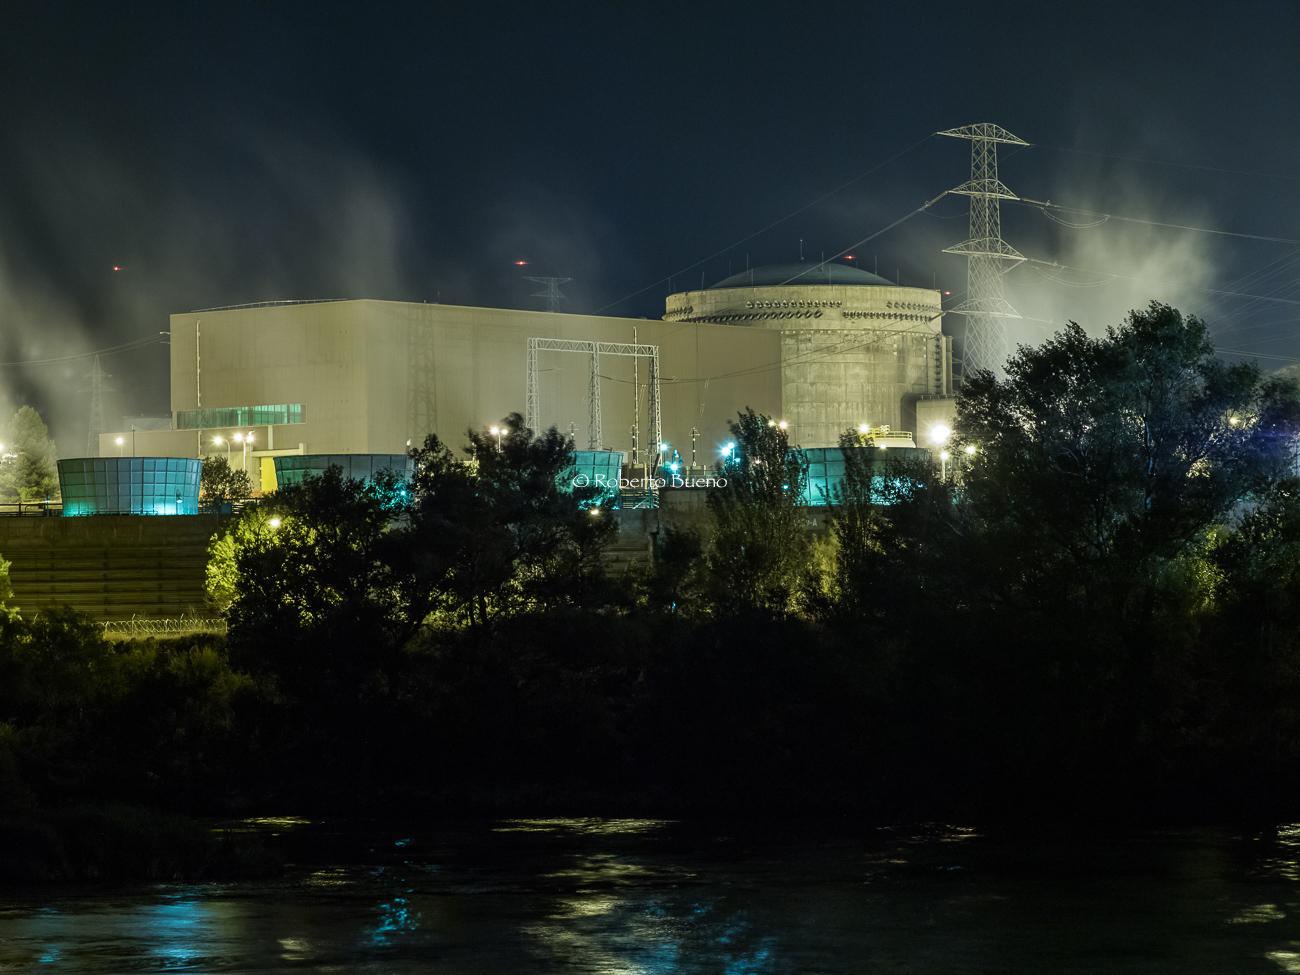 Central Nuclear de Ascó y río Ebro - Energía Nuclear - Roberto Bueno. Energía Nuclear y Centrales Nucleares